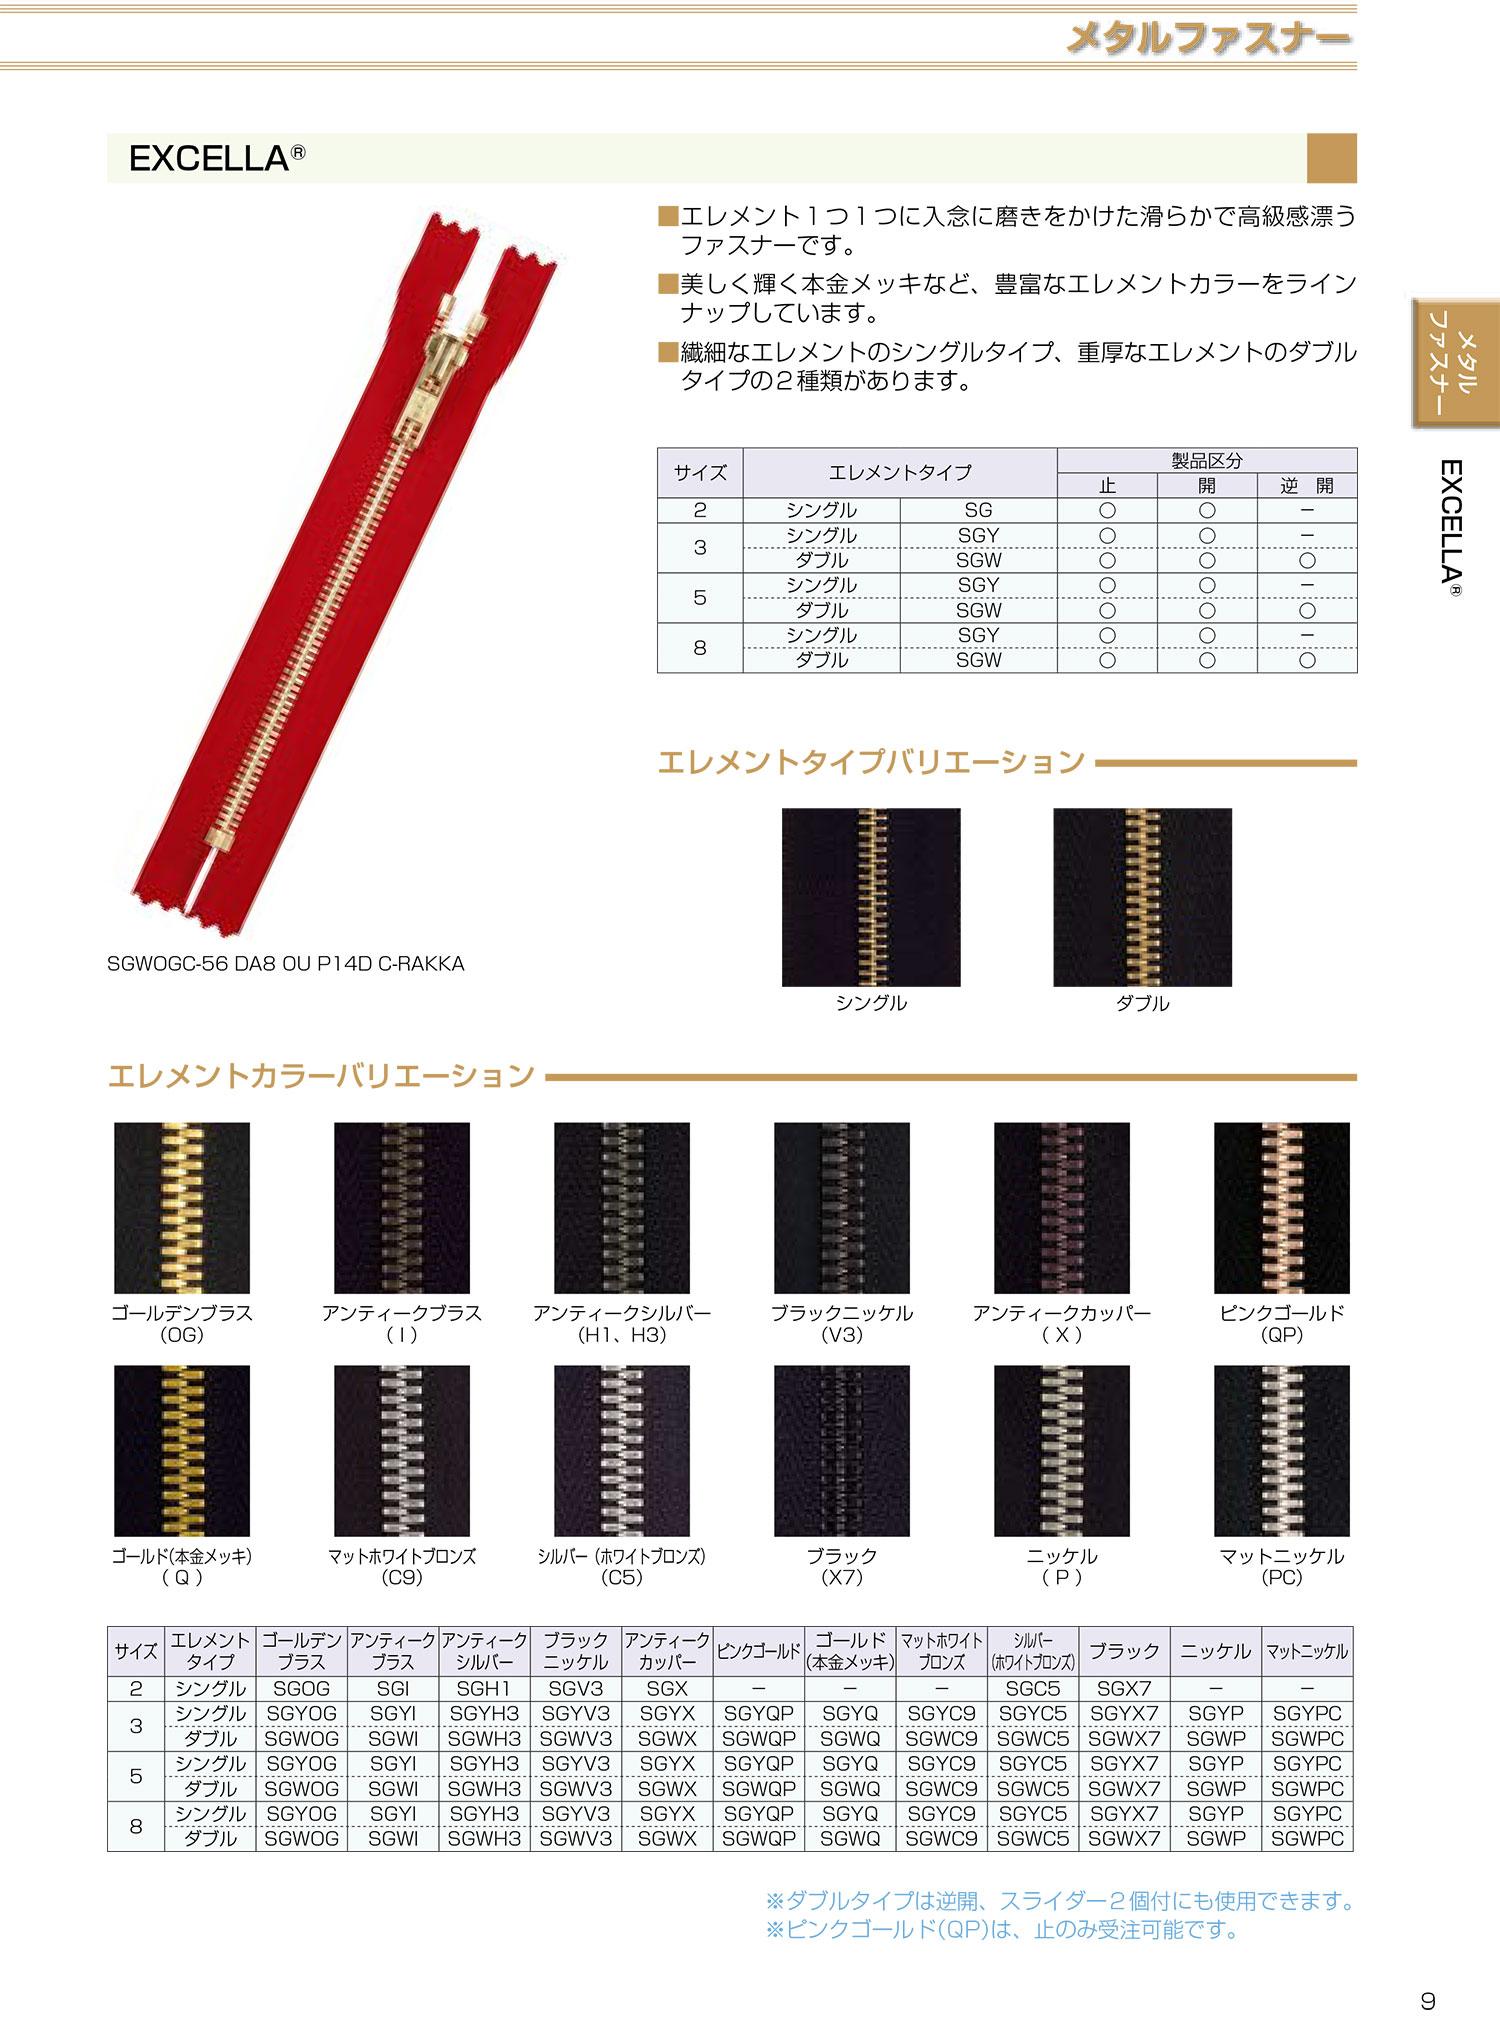 5SGYX7C エクセラ 5サイズ ブラック 止め シングル[ファスナー] YKK/オークラ商事 - ApparelX アパレル資材卸通販